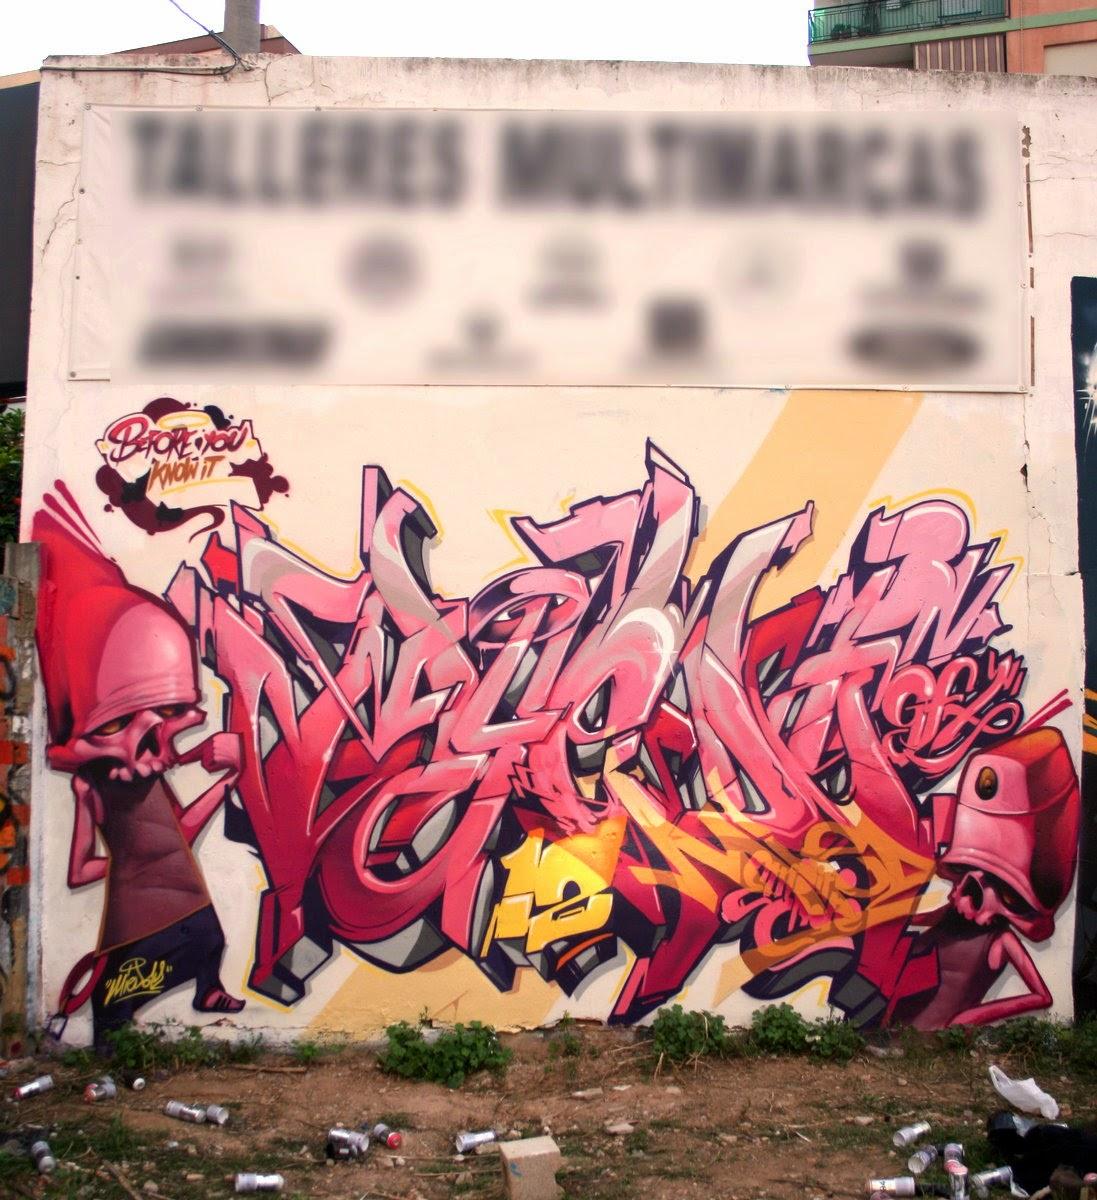 Miedo12 07 street art spain valencia